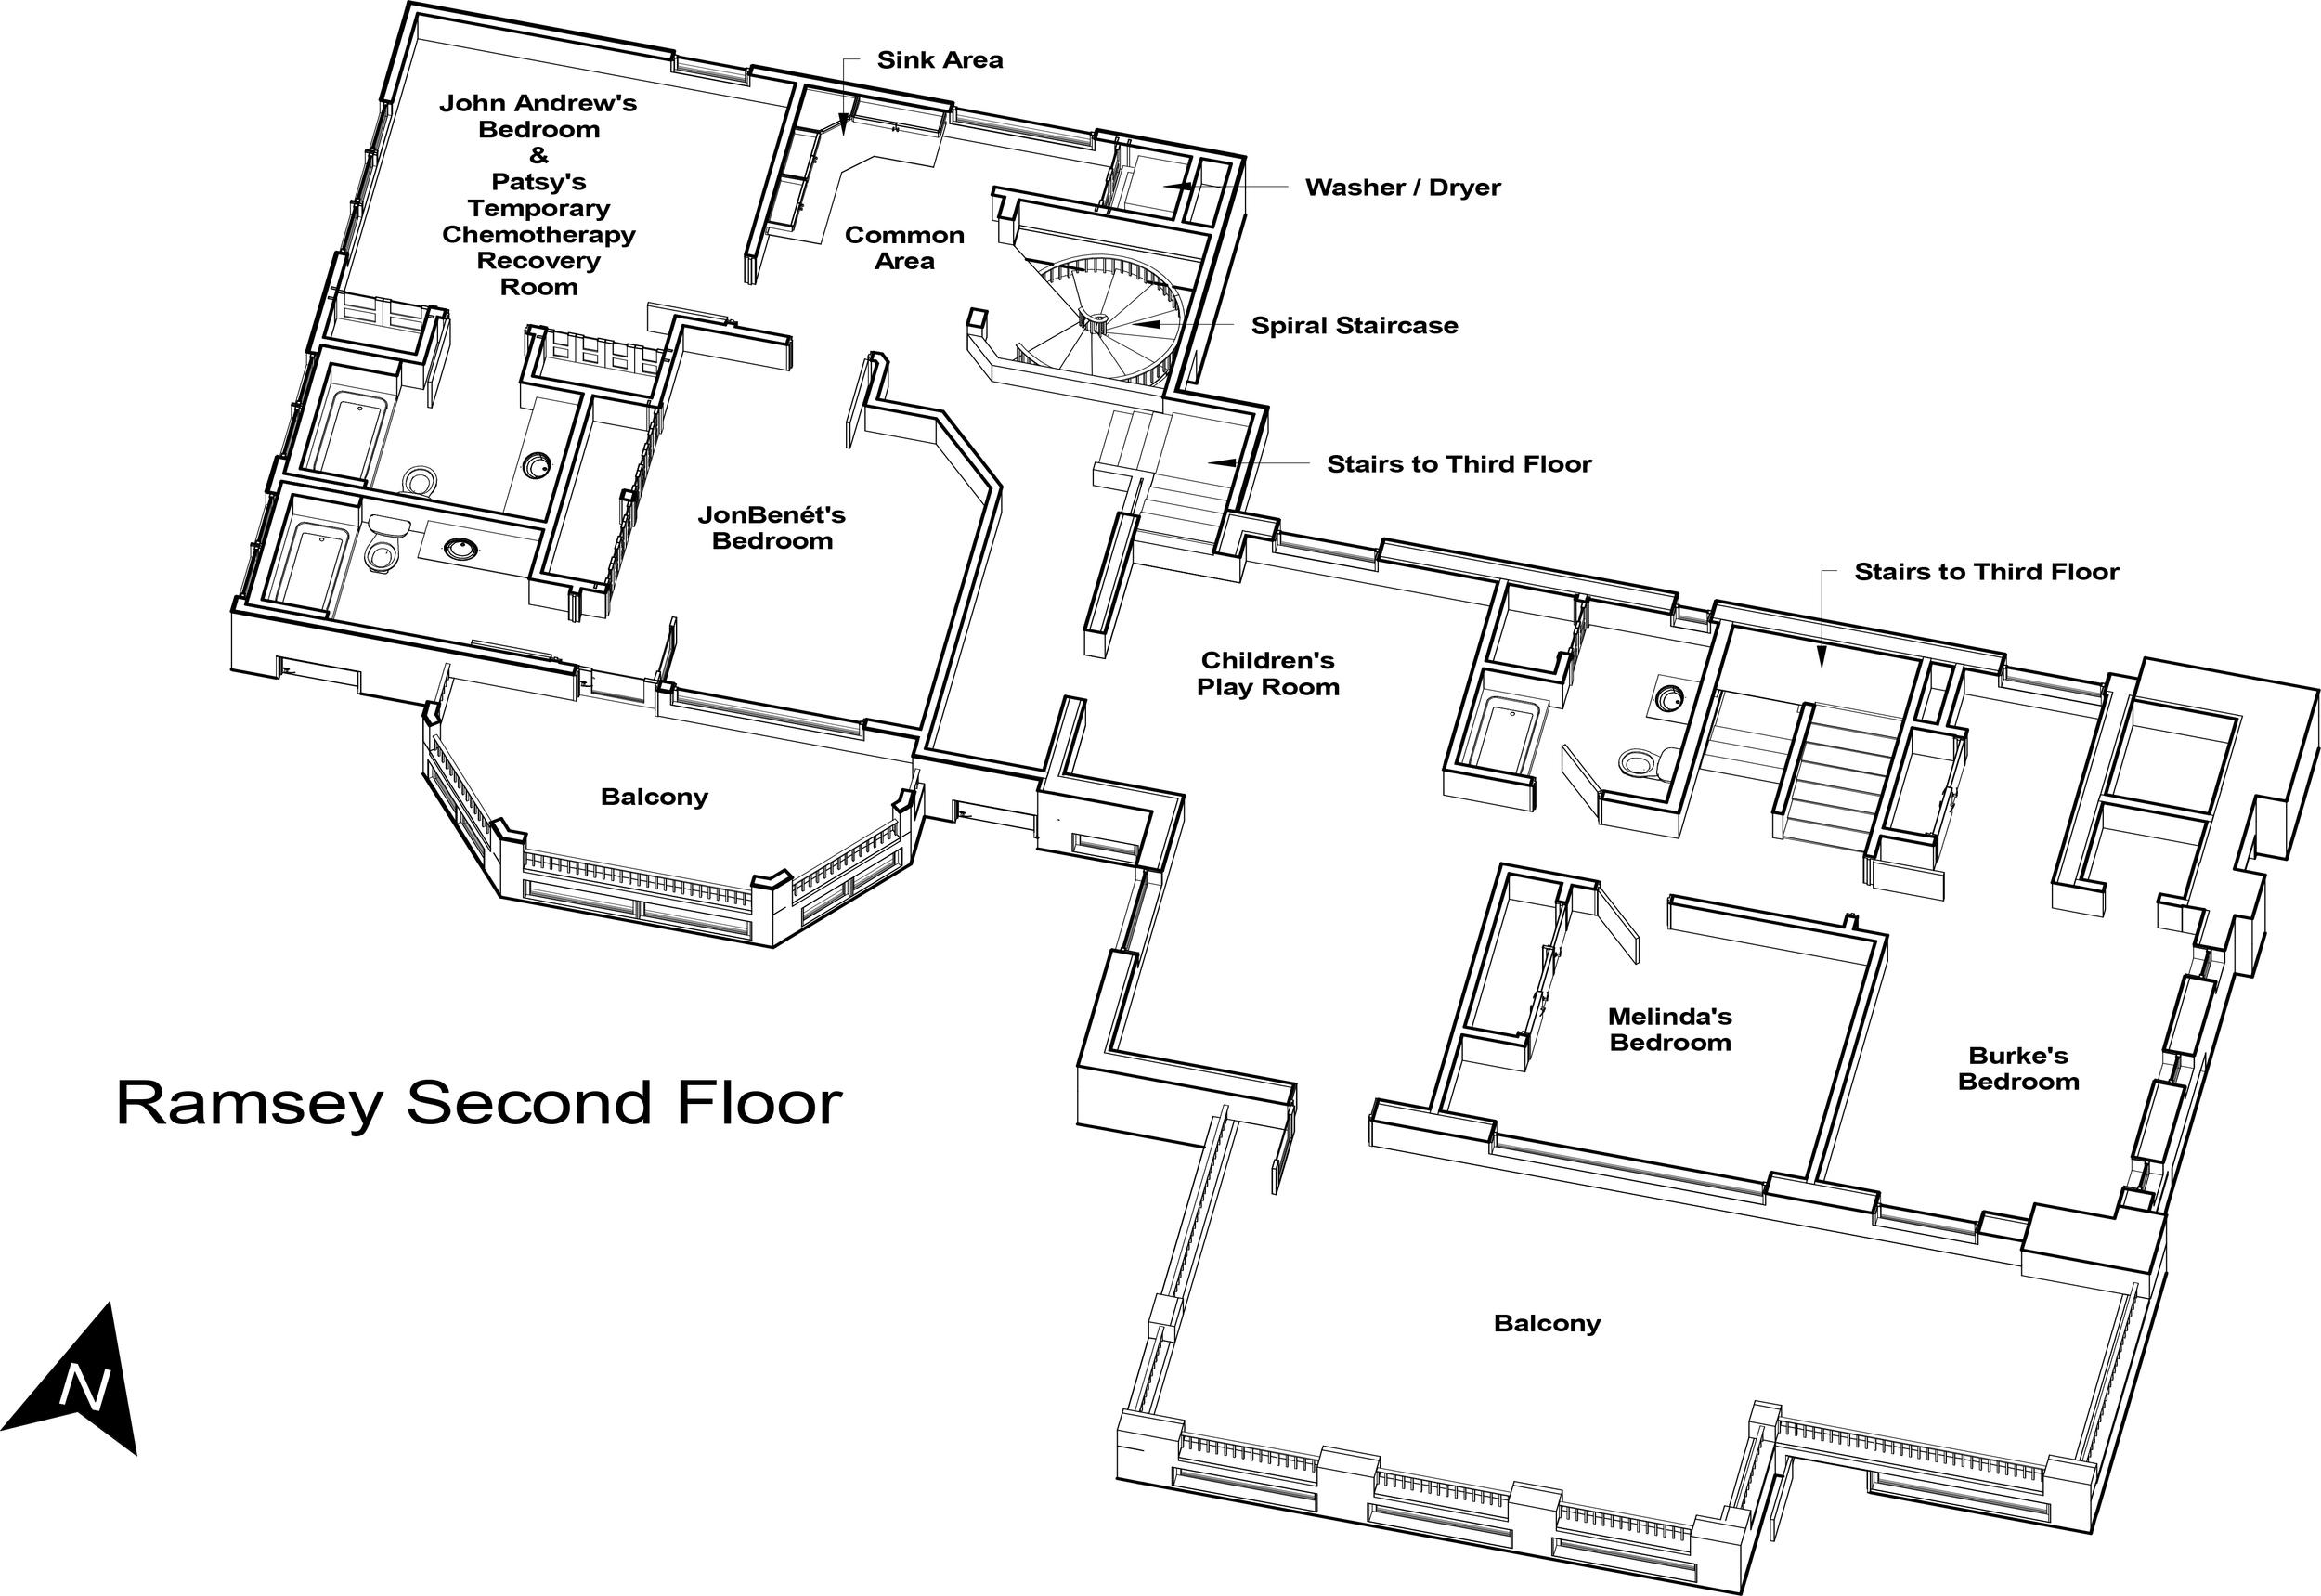 Ramsey Second Floor